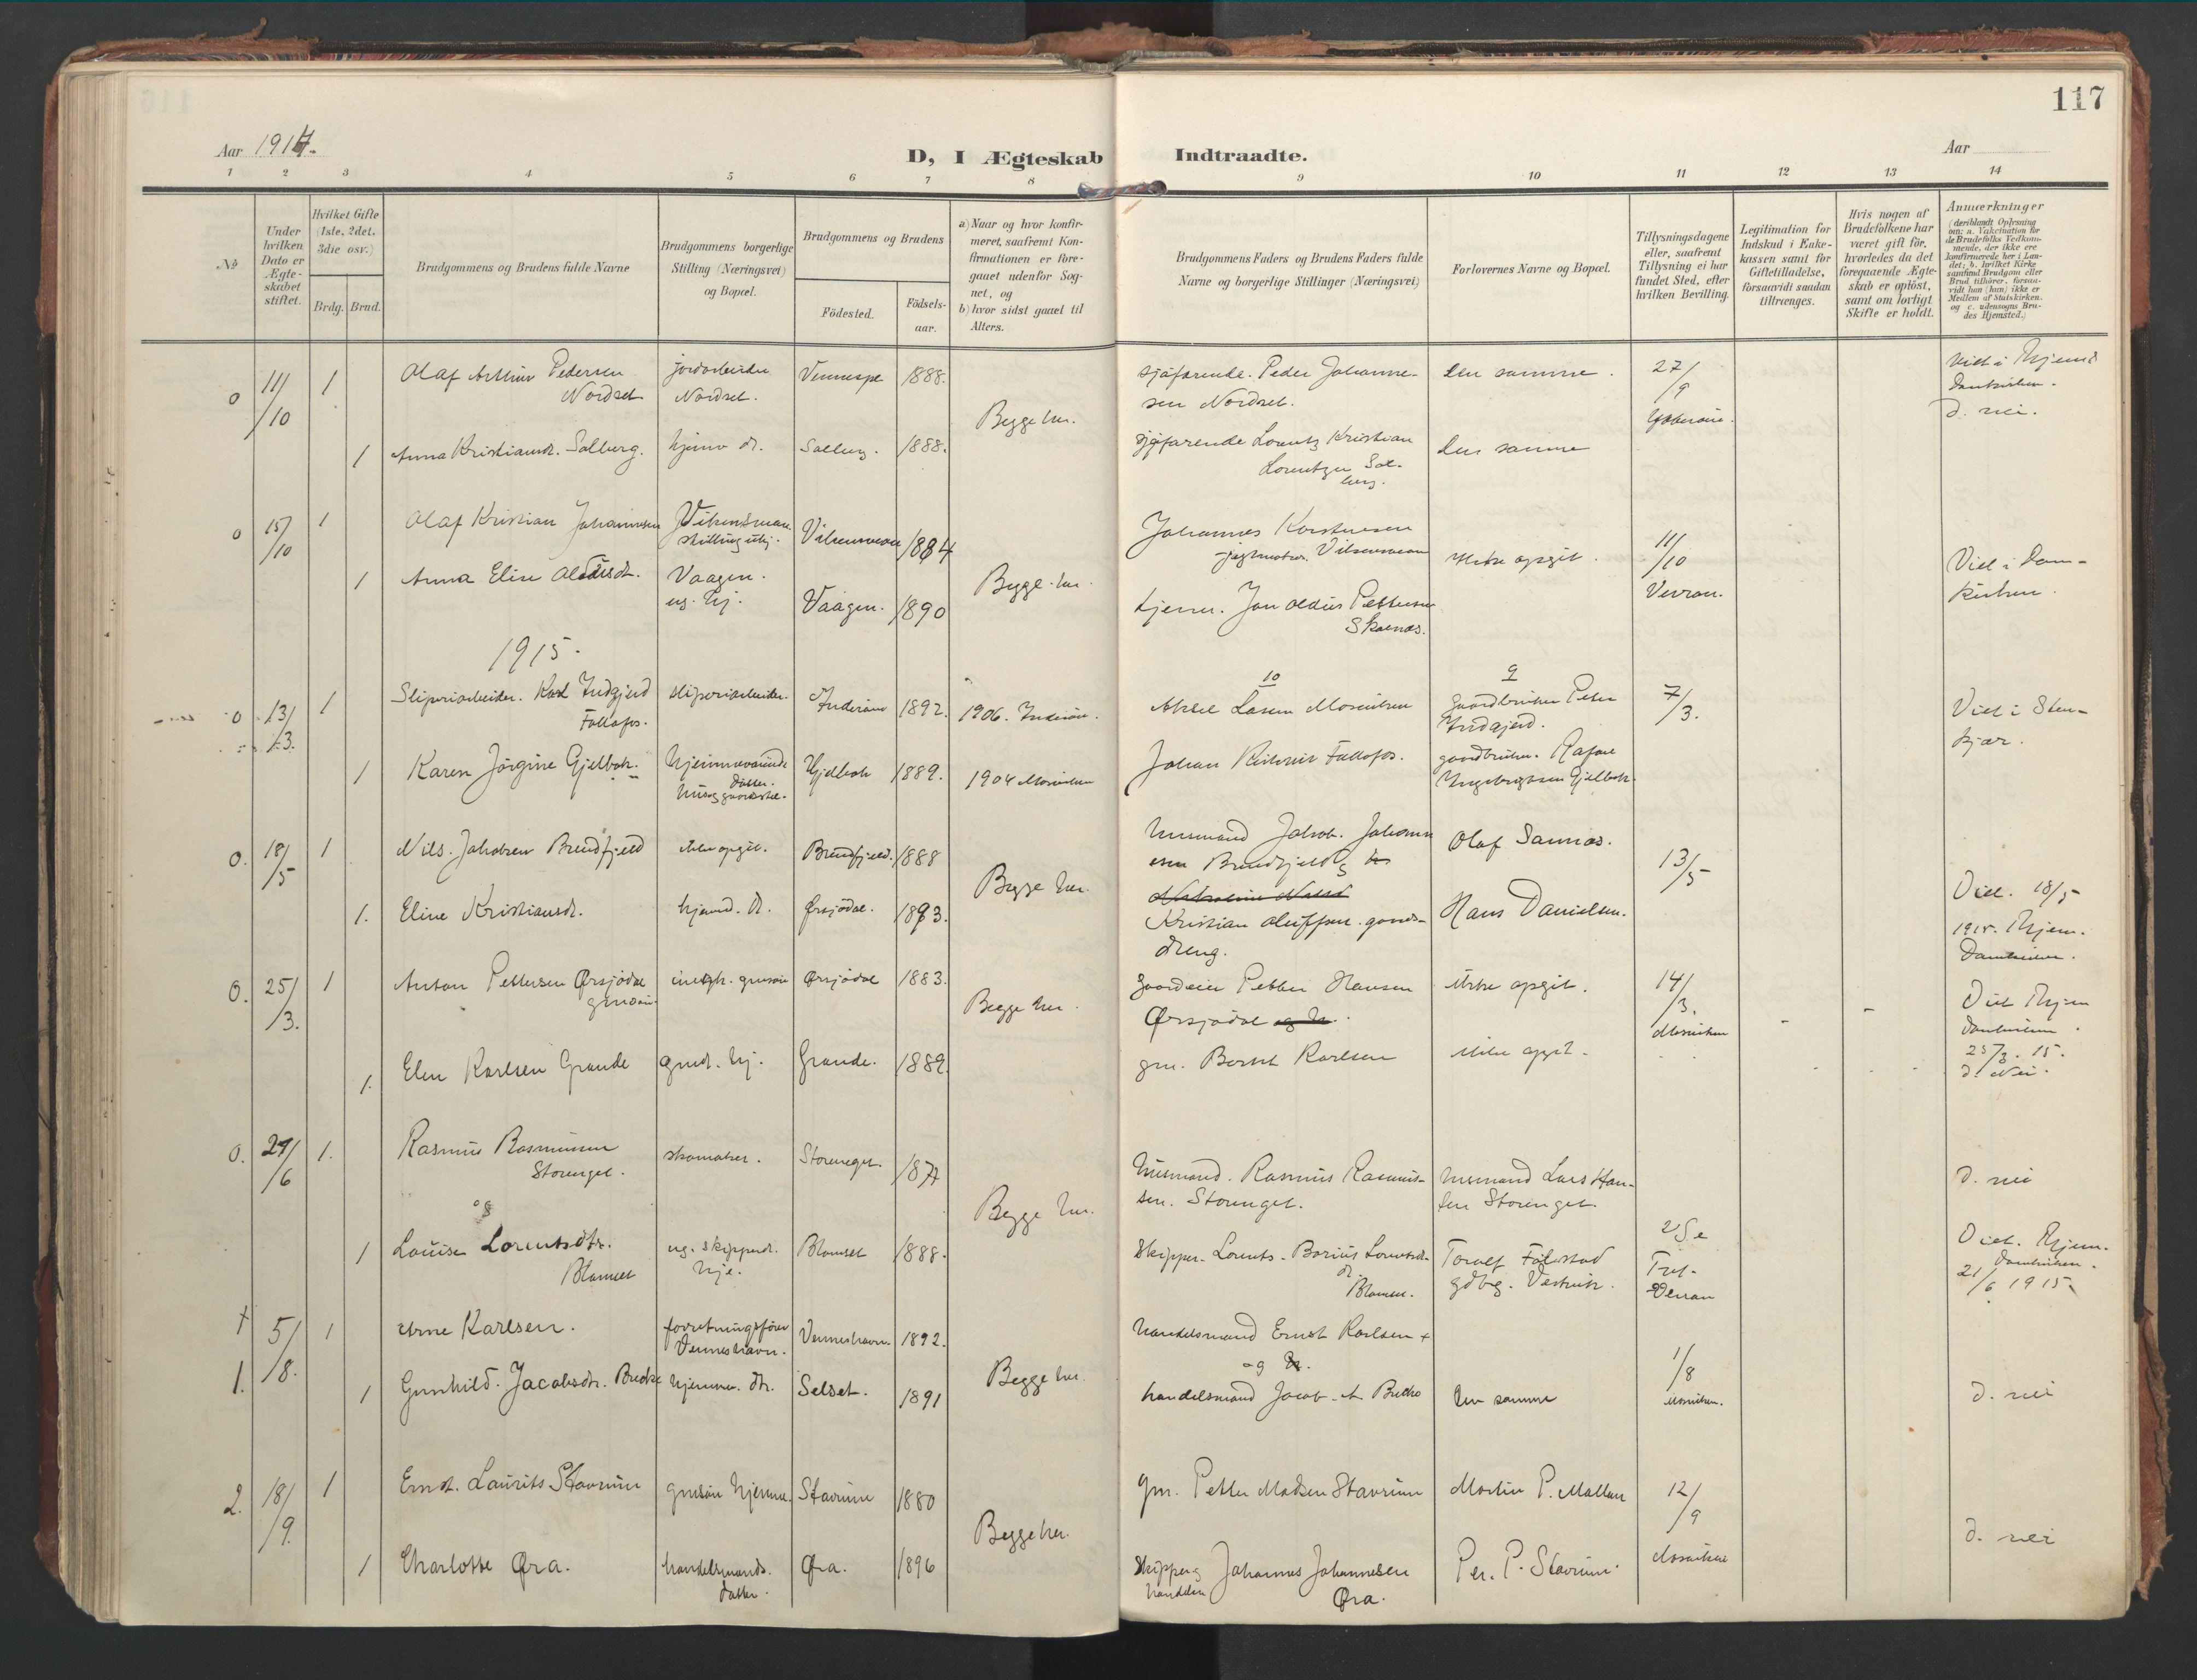 SAT, Ministerialprotokoller, klokkerbøker og fødselsregistre - Nord-Trøndelag, 744/L0421: Ministerialbok nr. 744A05, 1905-1930, s. 117